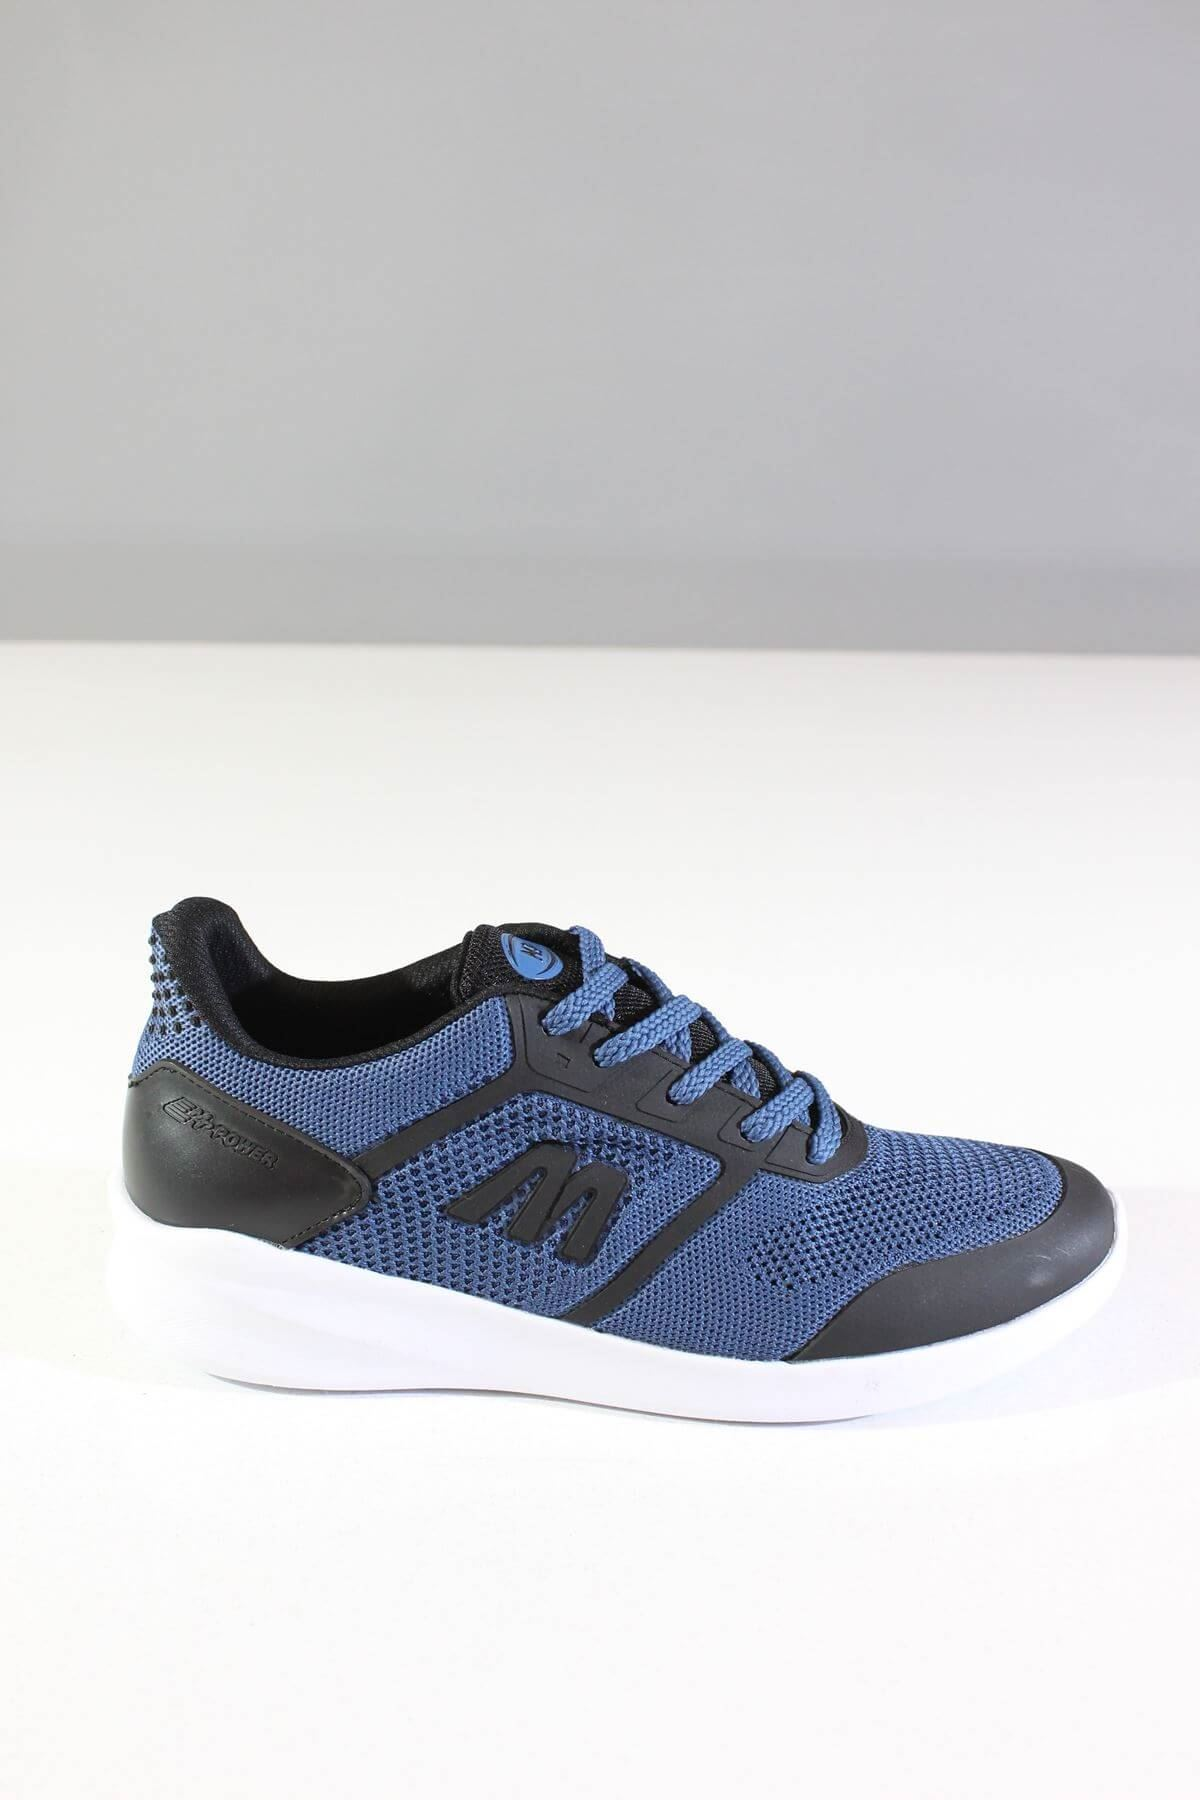 MP 191-1020 Laci- Siyah Erkek Spor Ayakkabı